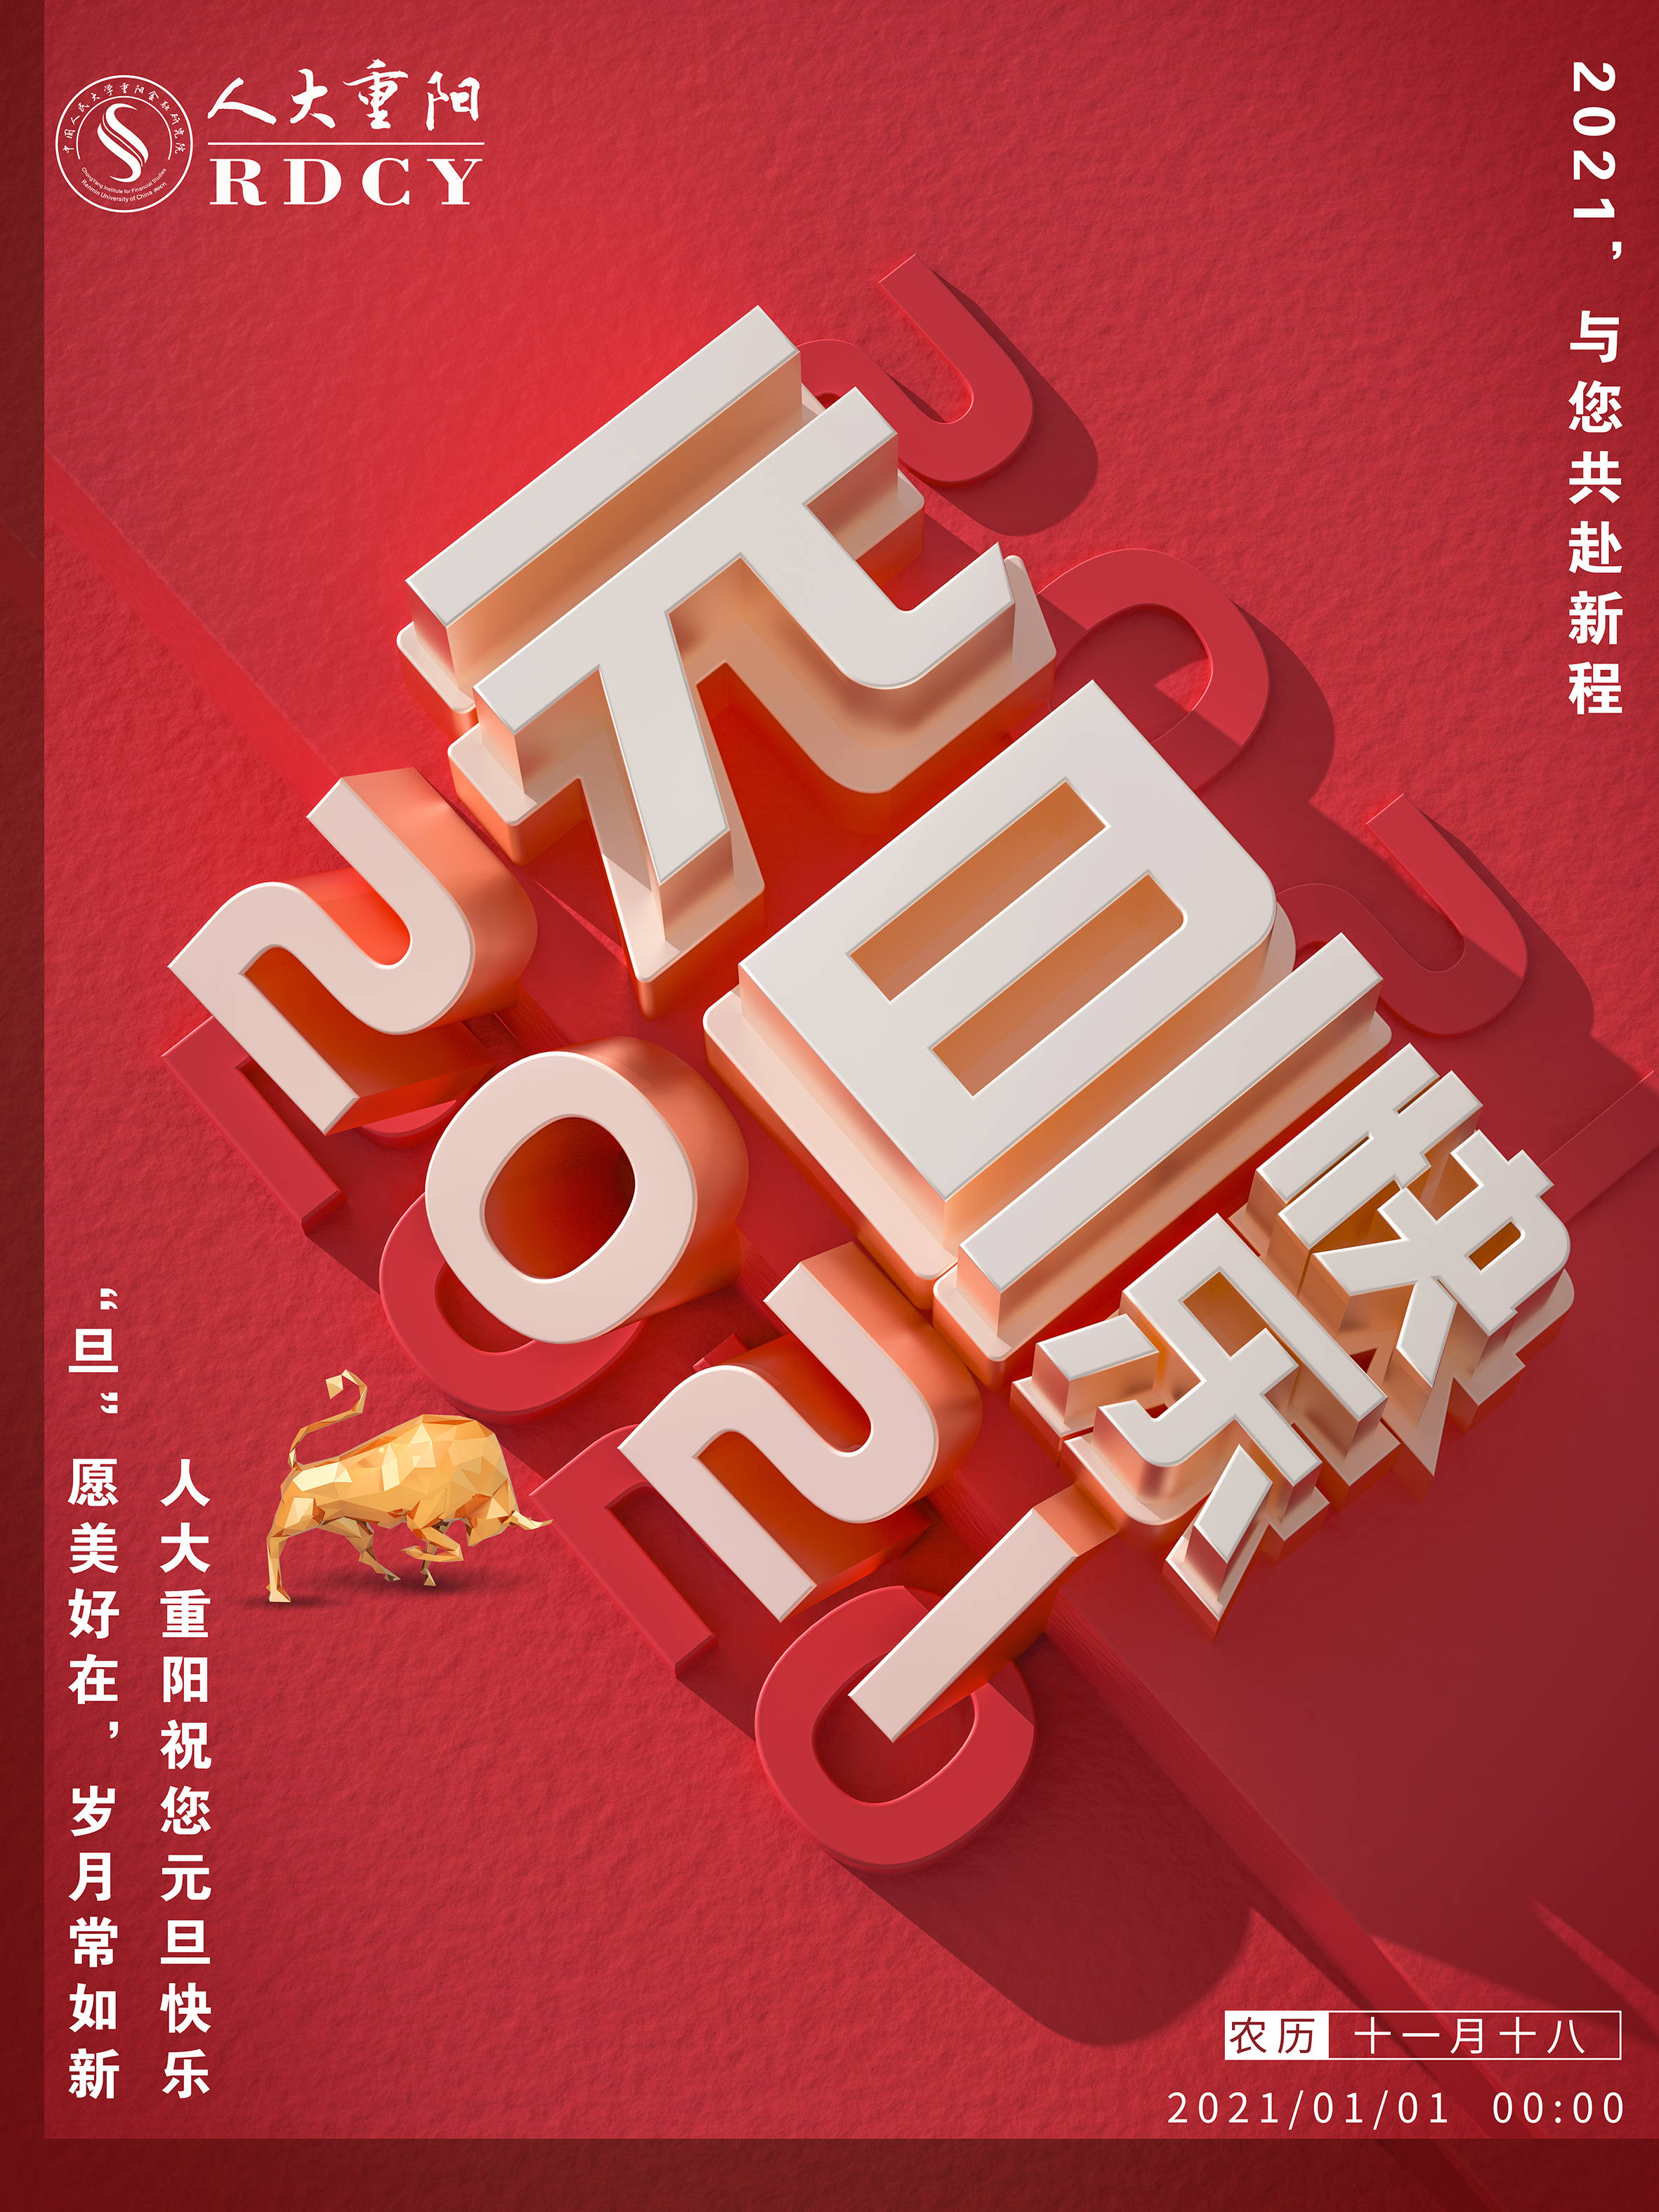 刘:2021年是中国的大机遇年,也是中国的大战略年